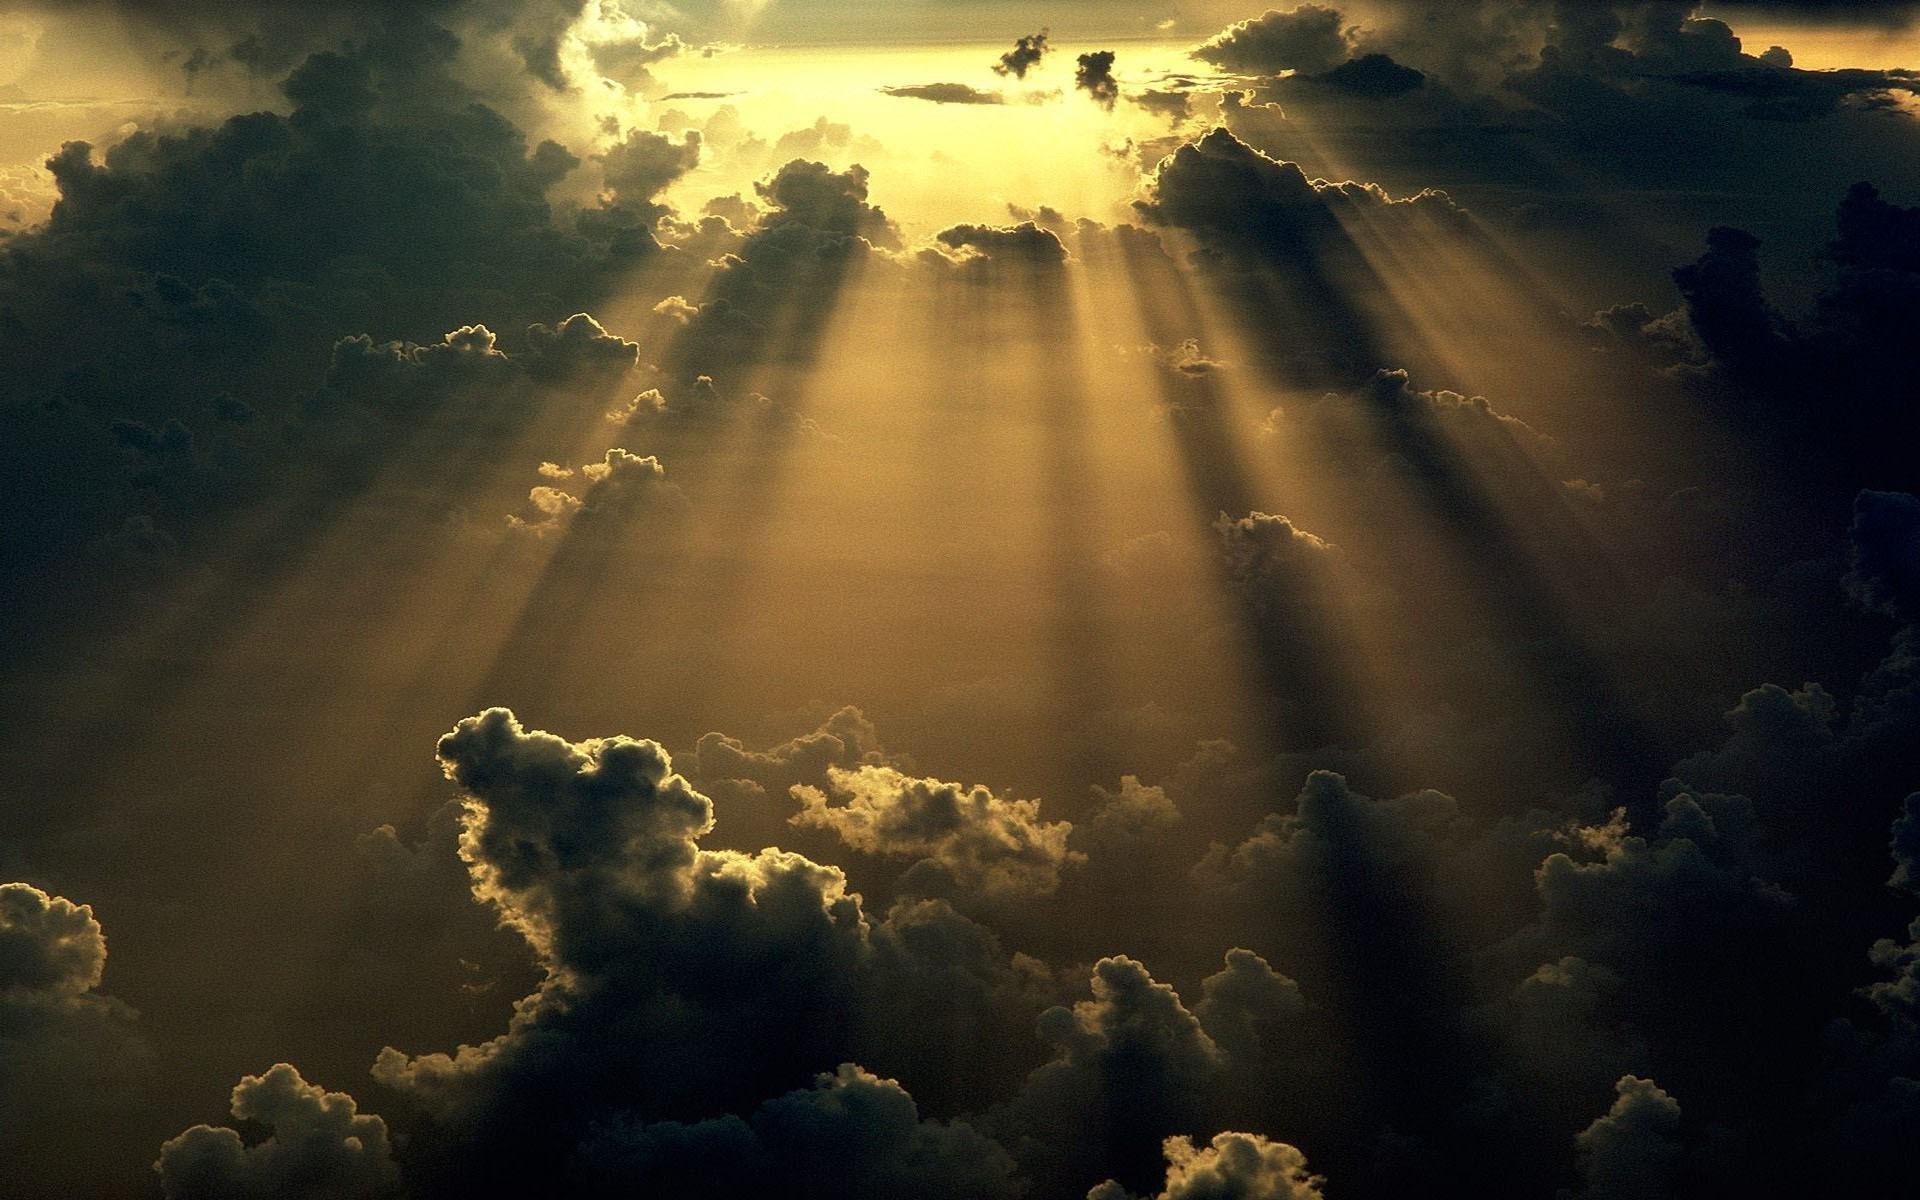 графический приснилась картинка на небеса давно